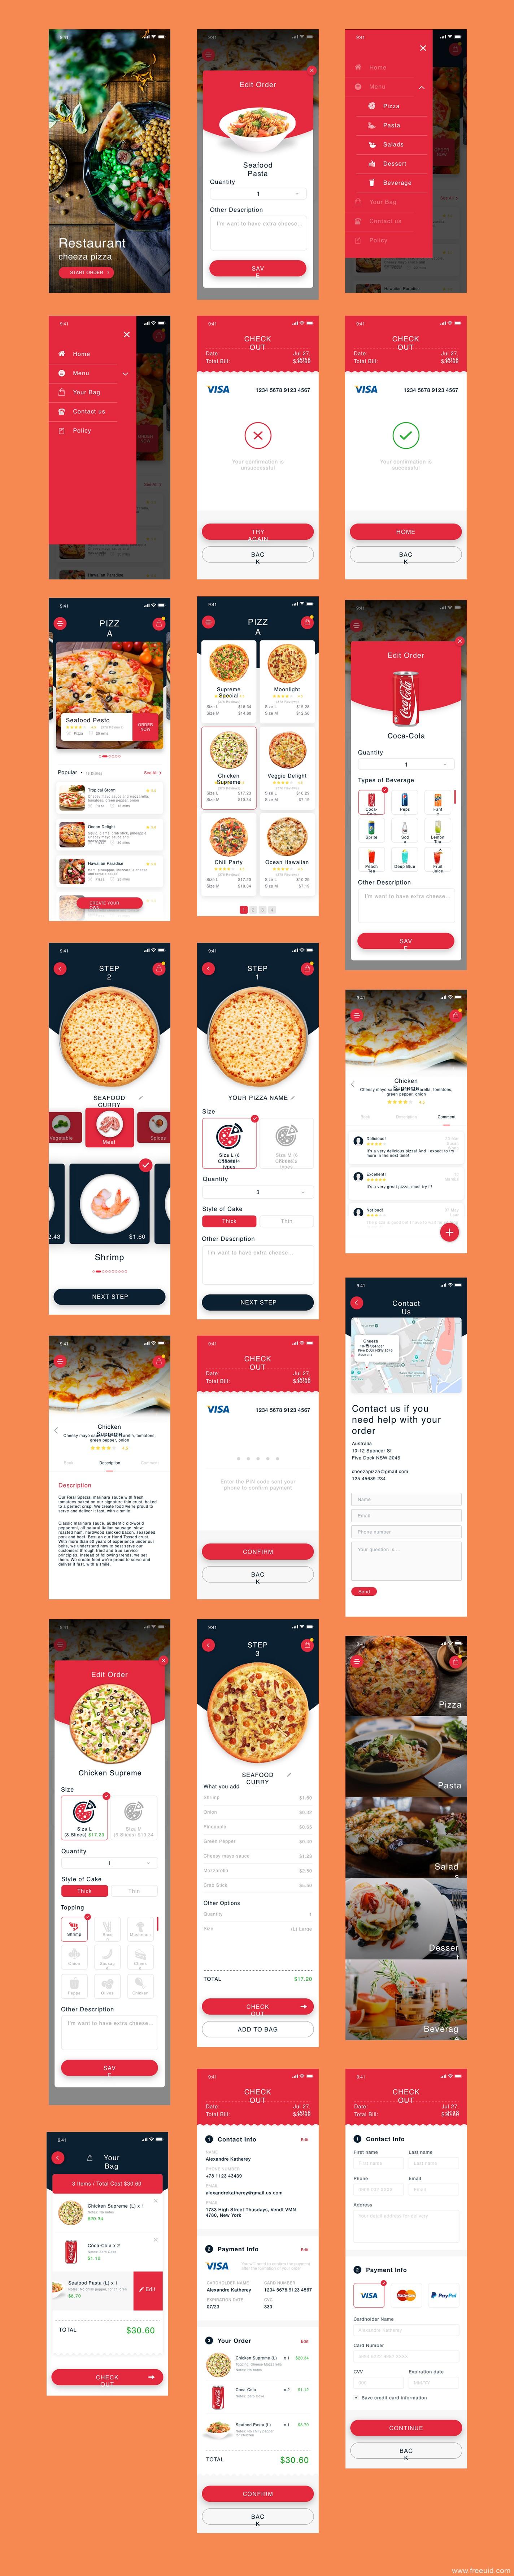 美食订餐系统应用app界面、美食UI界面sketch源文件下载